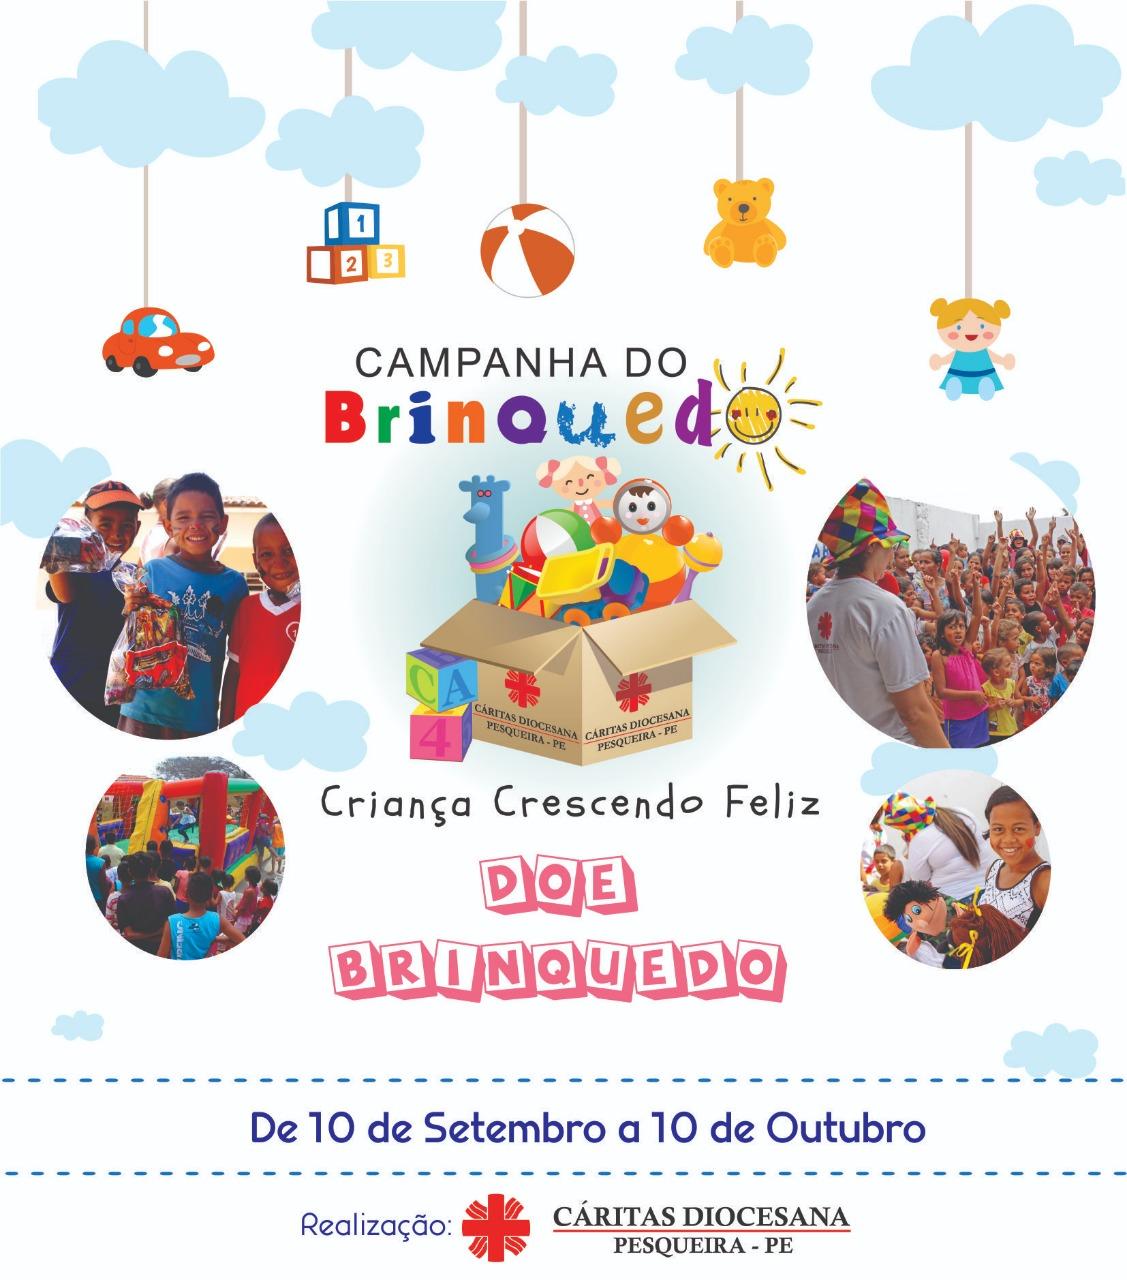 Campanha do Brinquedo Cáritas Diocesana de Pesqueira 2019